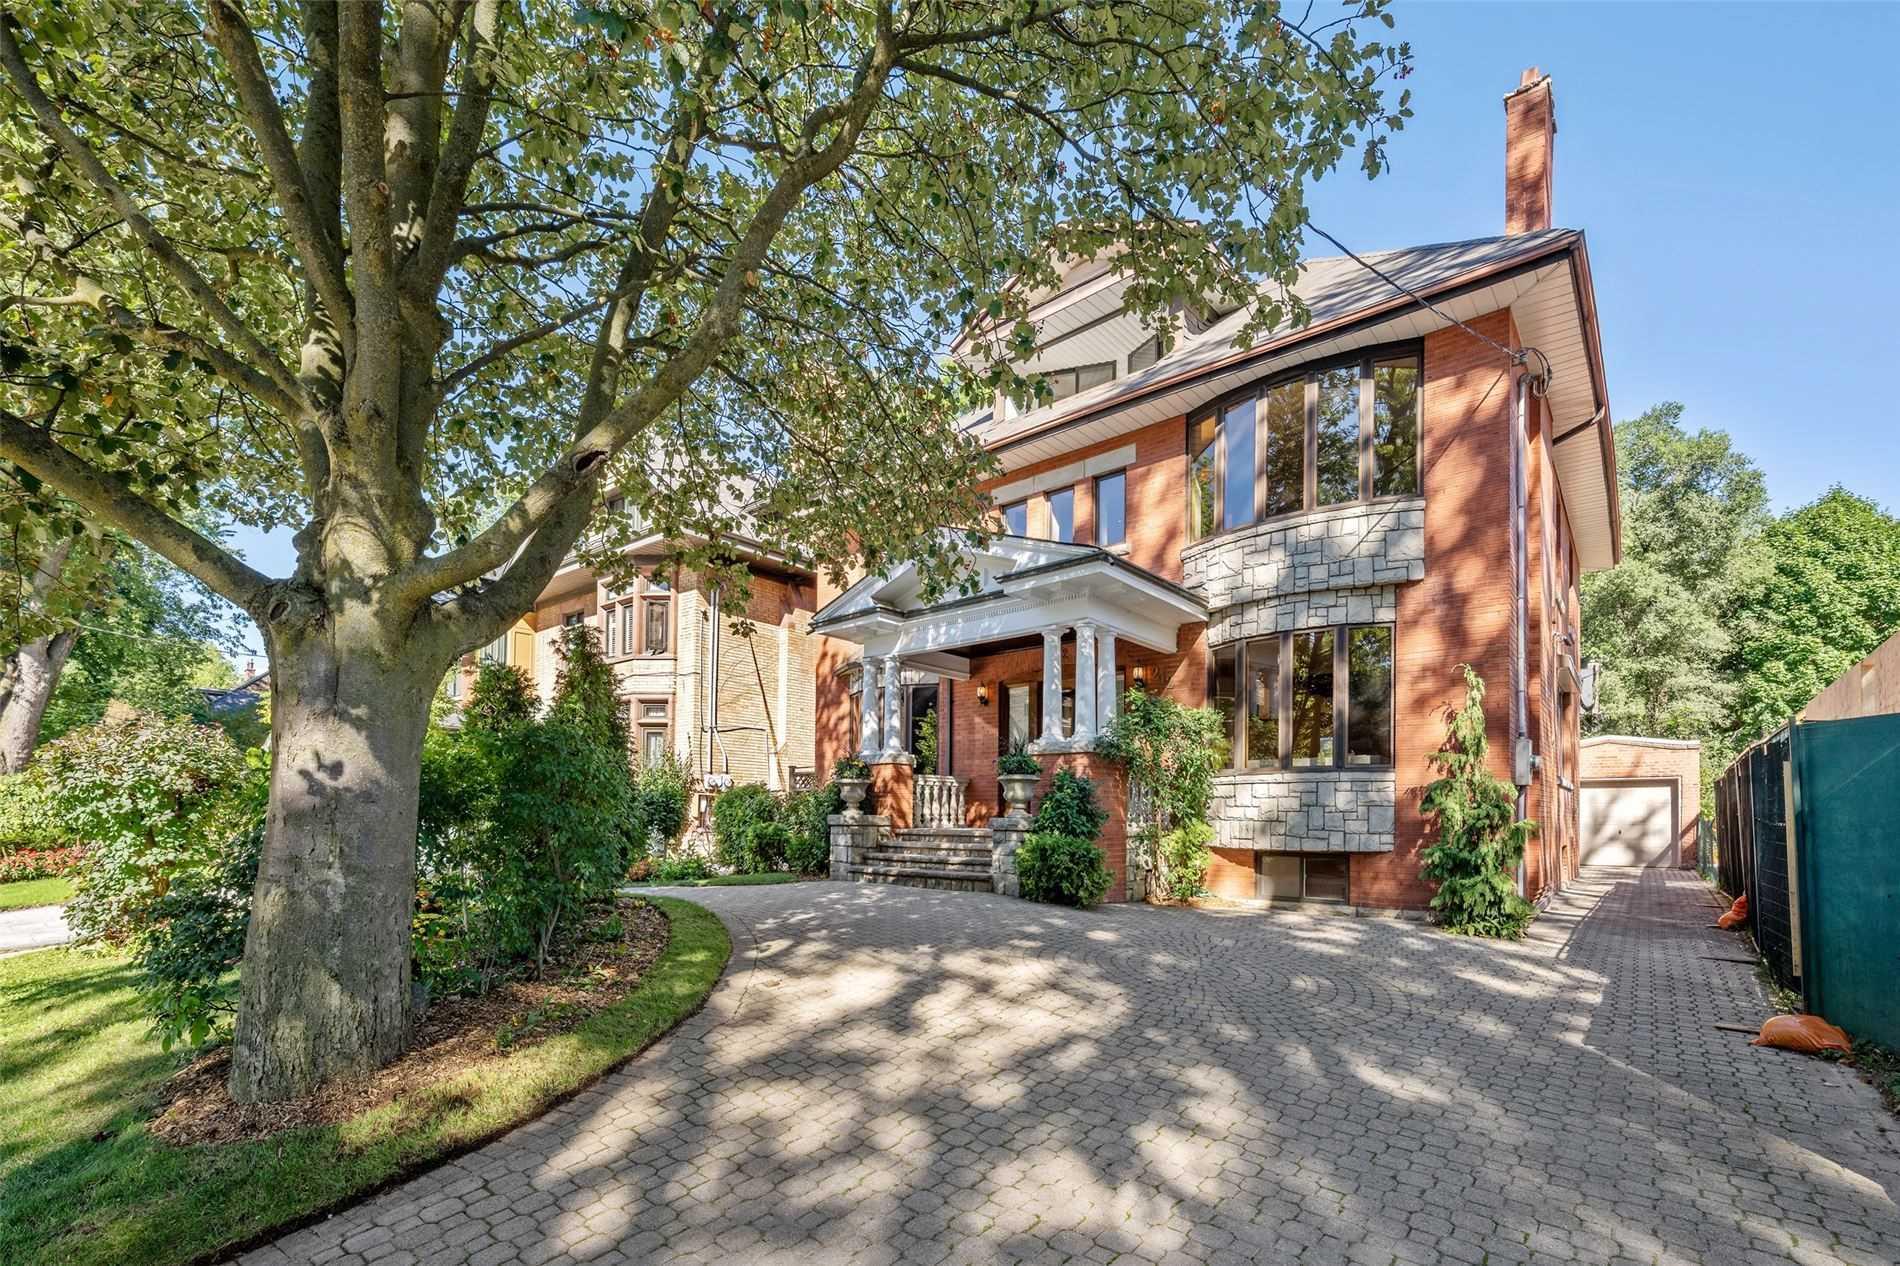 212 Balmoral Ave, Toronto, Ontario M4V1J9, 5 Bedrooms Bedrooms, 10 Rooms Rooms,5 BathroomsBathrooms,Detached,For Sale,Balmoral,C5378352